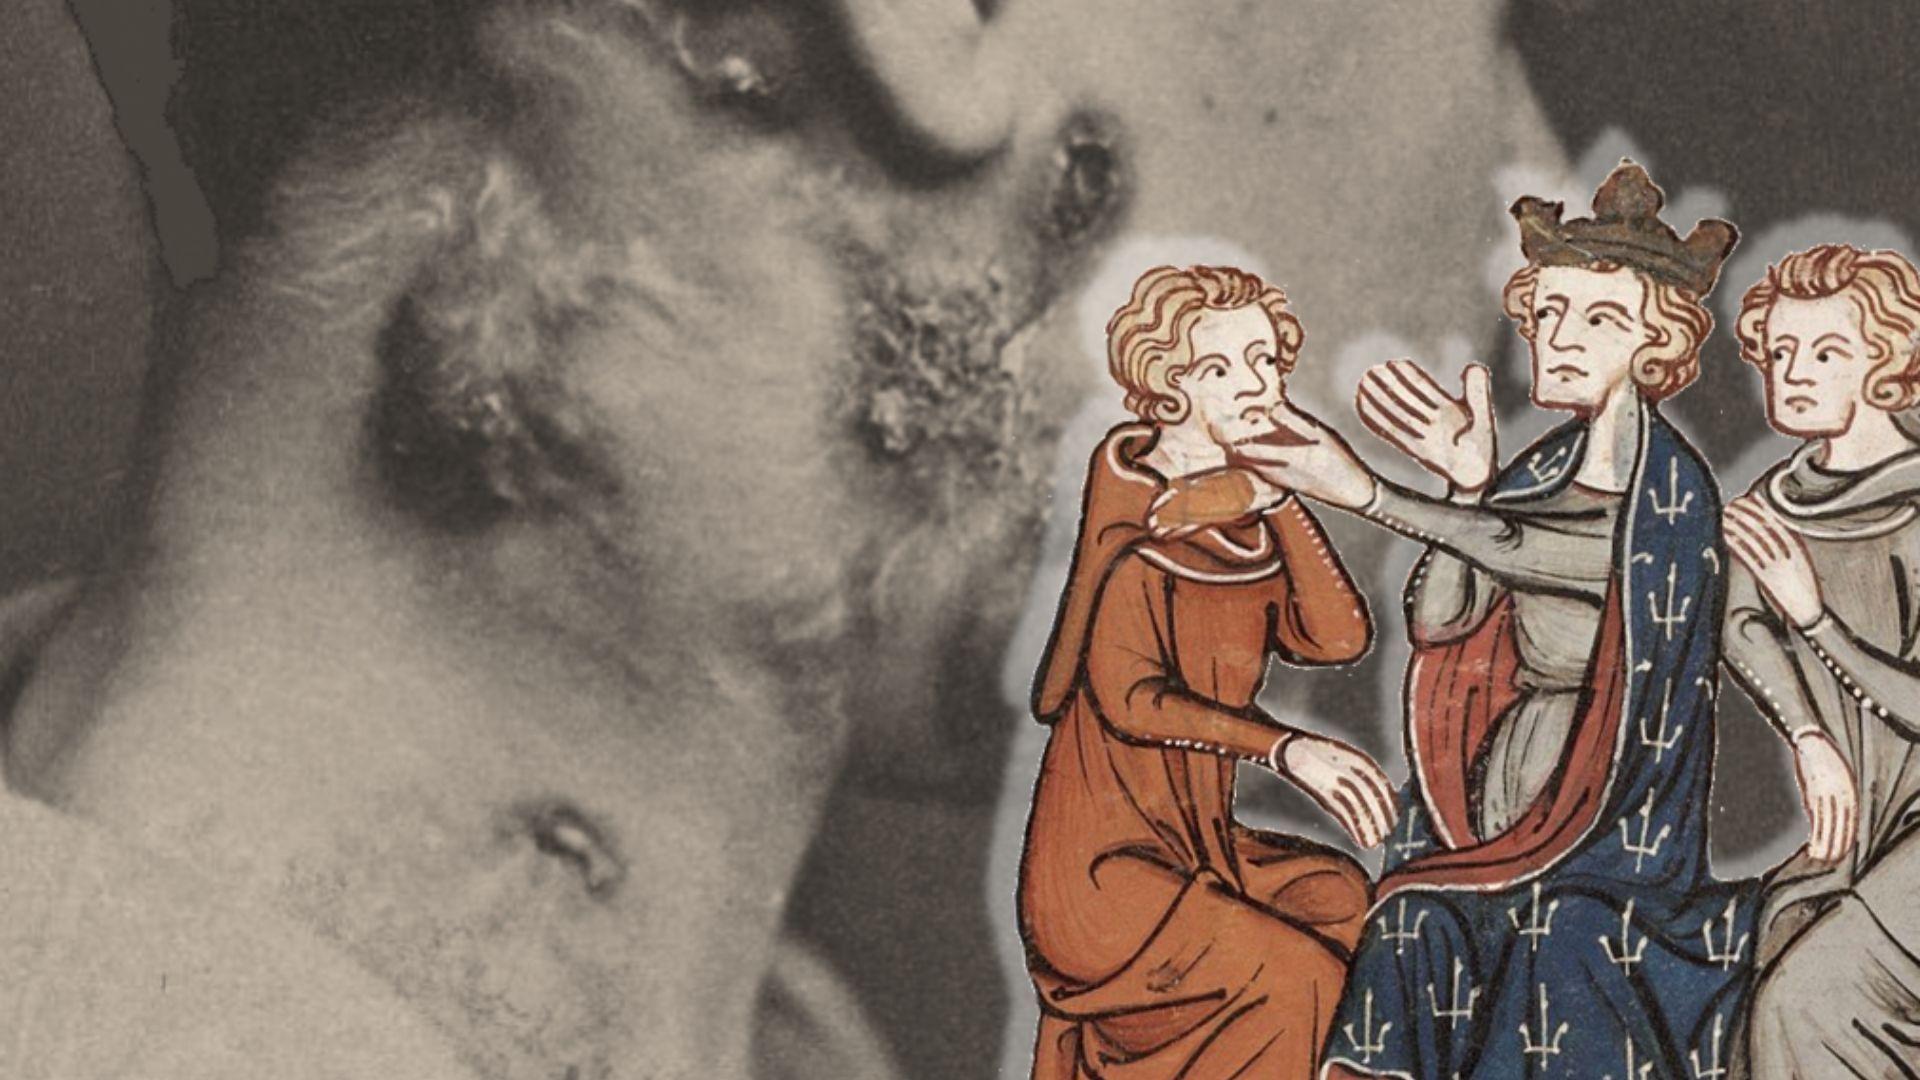 Tuberculosis medieval o escrófula. Años 1300-1500. Aunque no propiamente «epidémica» y presente en la humanidad desde la Prehistoria, la tuberculosis tiene una manifestación singular durante toda la Edad Media, con especial incidencia y brotes concretos en los siglos XIV y XV en Francia e Inglaterra.